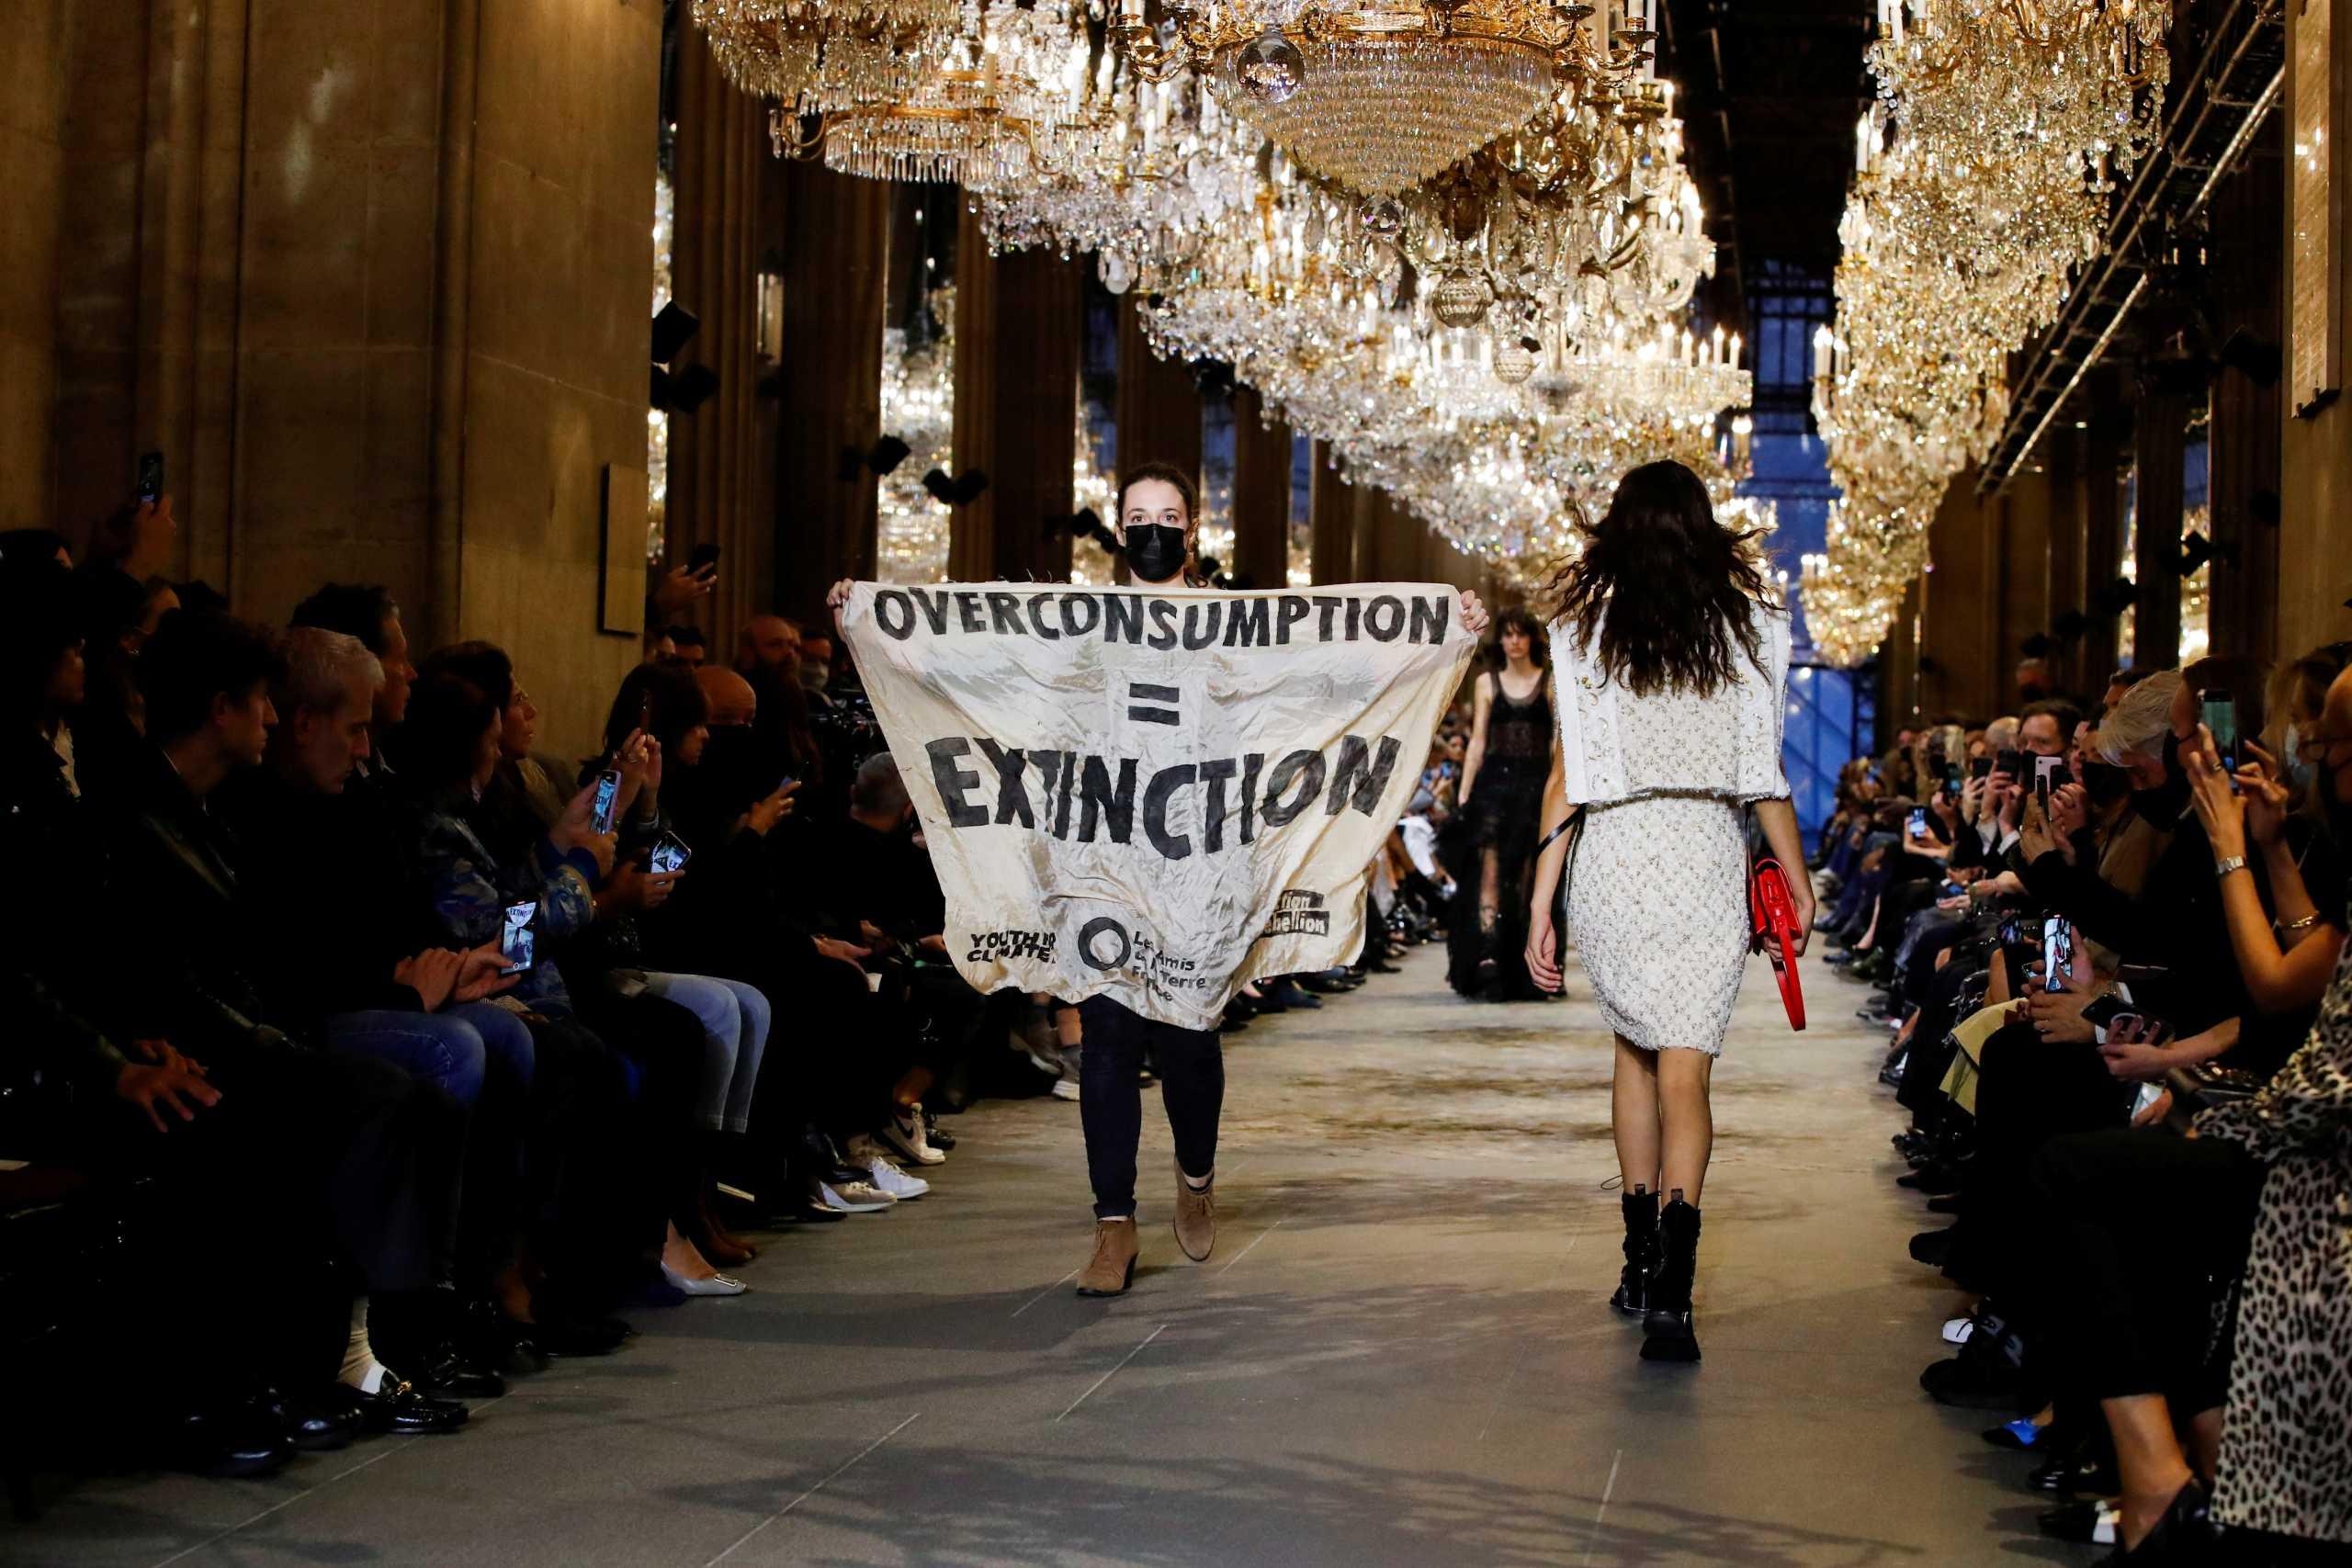 Ακτιβίστρια μπήκε στην επίδειξη του οίκου Louis Vuitton και έκανε πασαρέλα με πανό